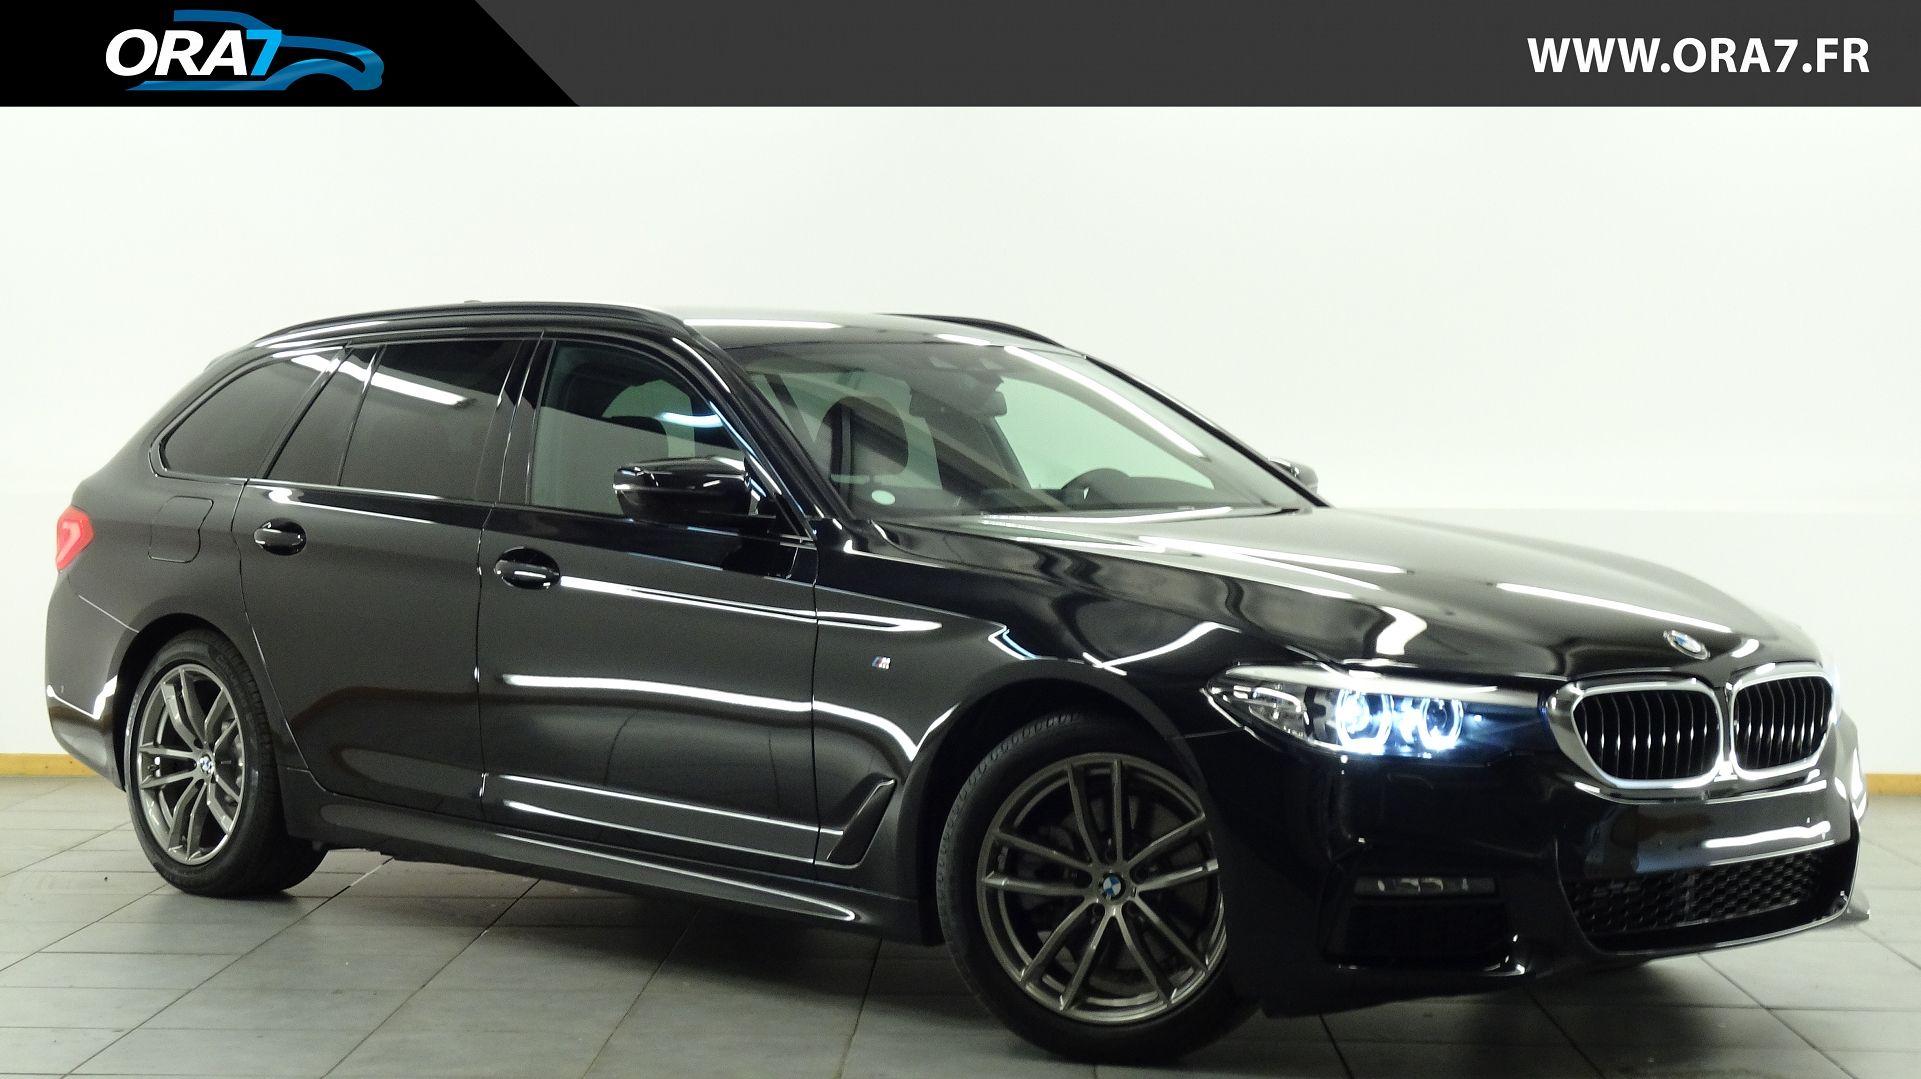 Nouvelle BMW SERIE 5 TOURING (G31) 520DA XDRIVE 190CH M SPORT STEPTRONIC en leasing chez Click&Lease